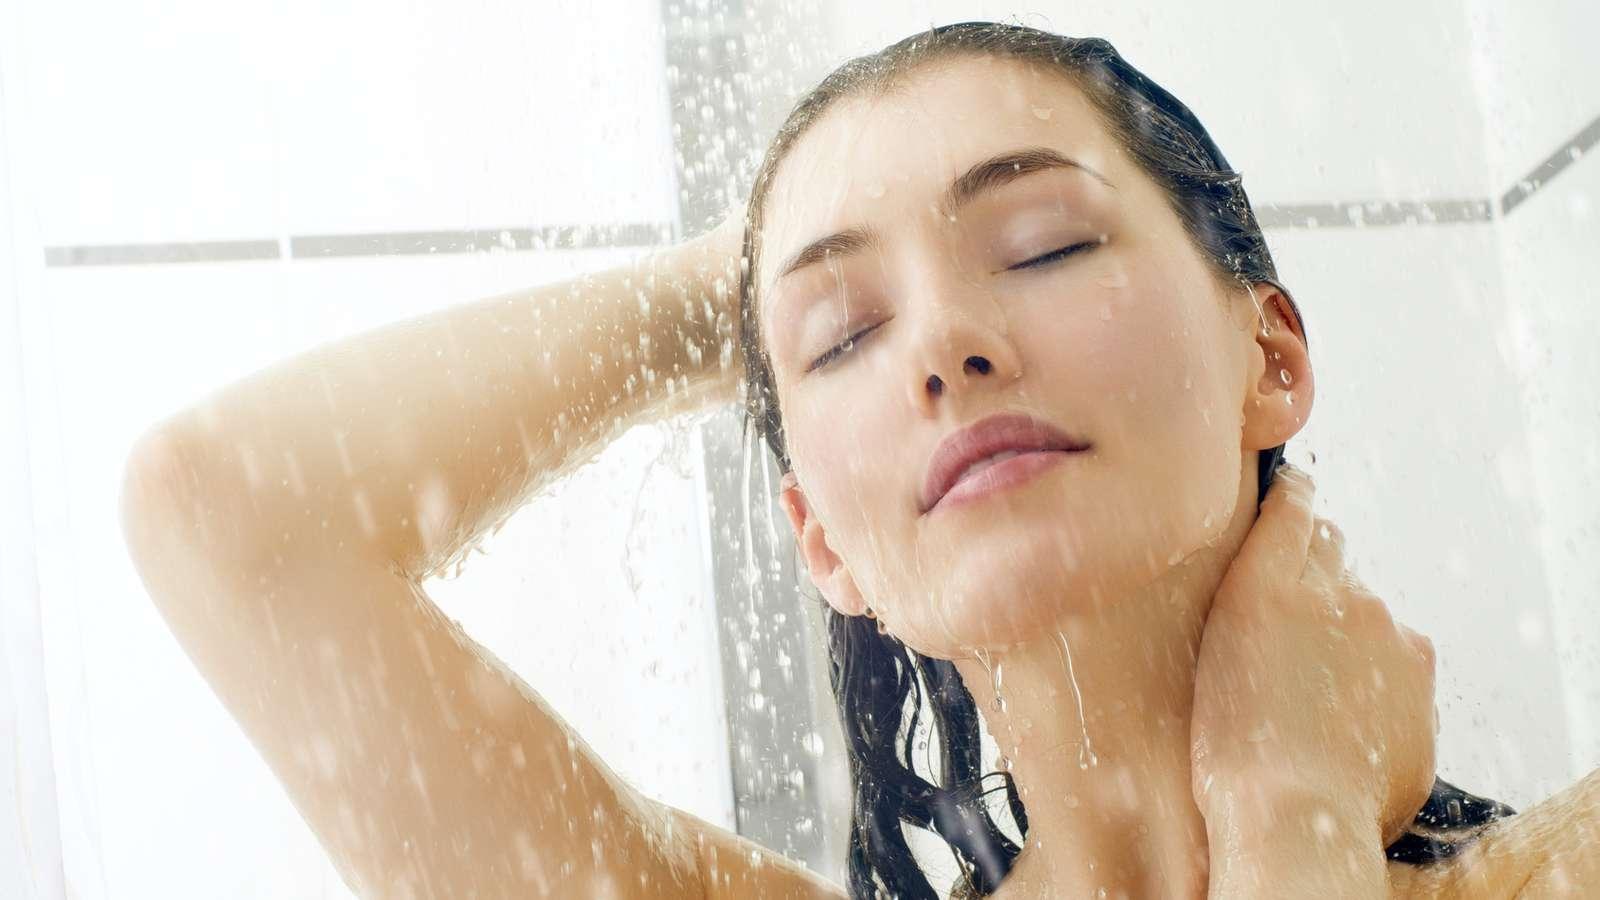 Hilft haare waschen ohne shampoo